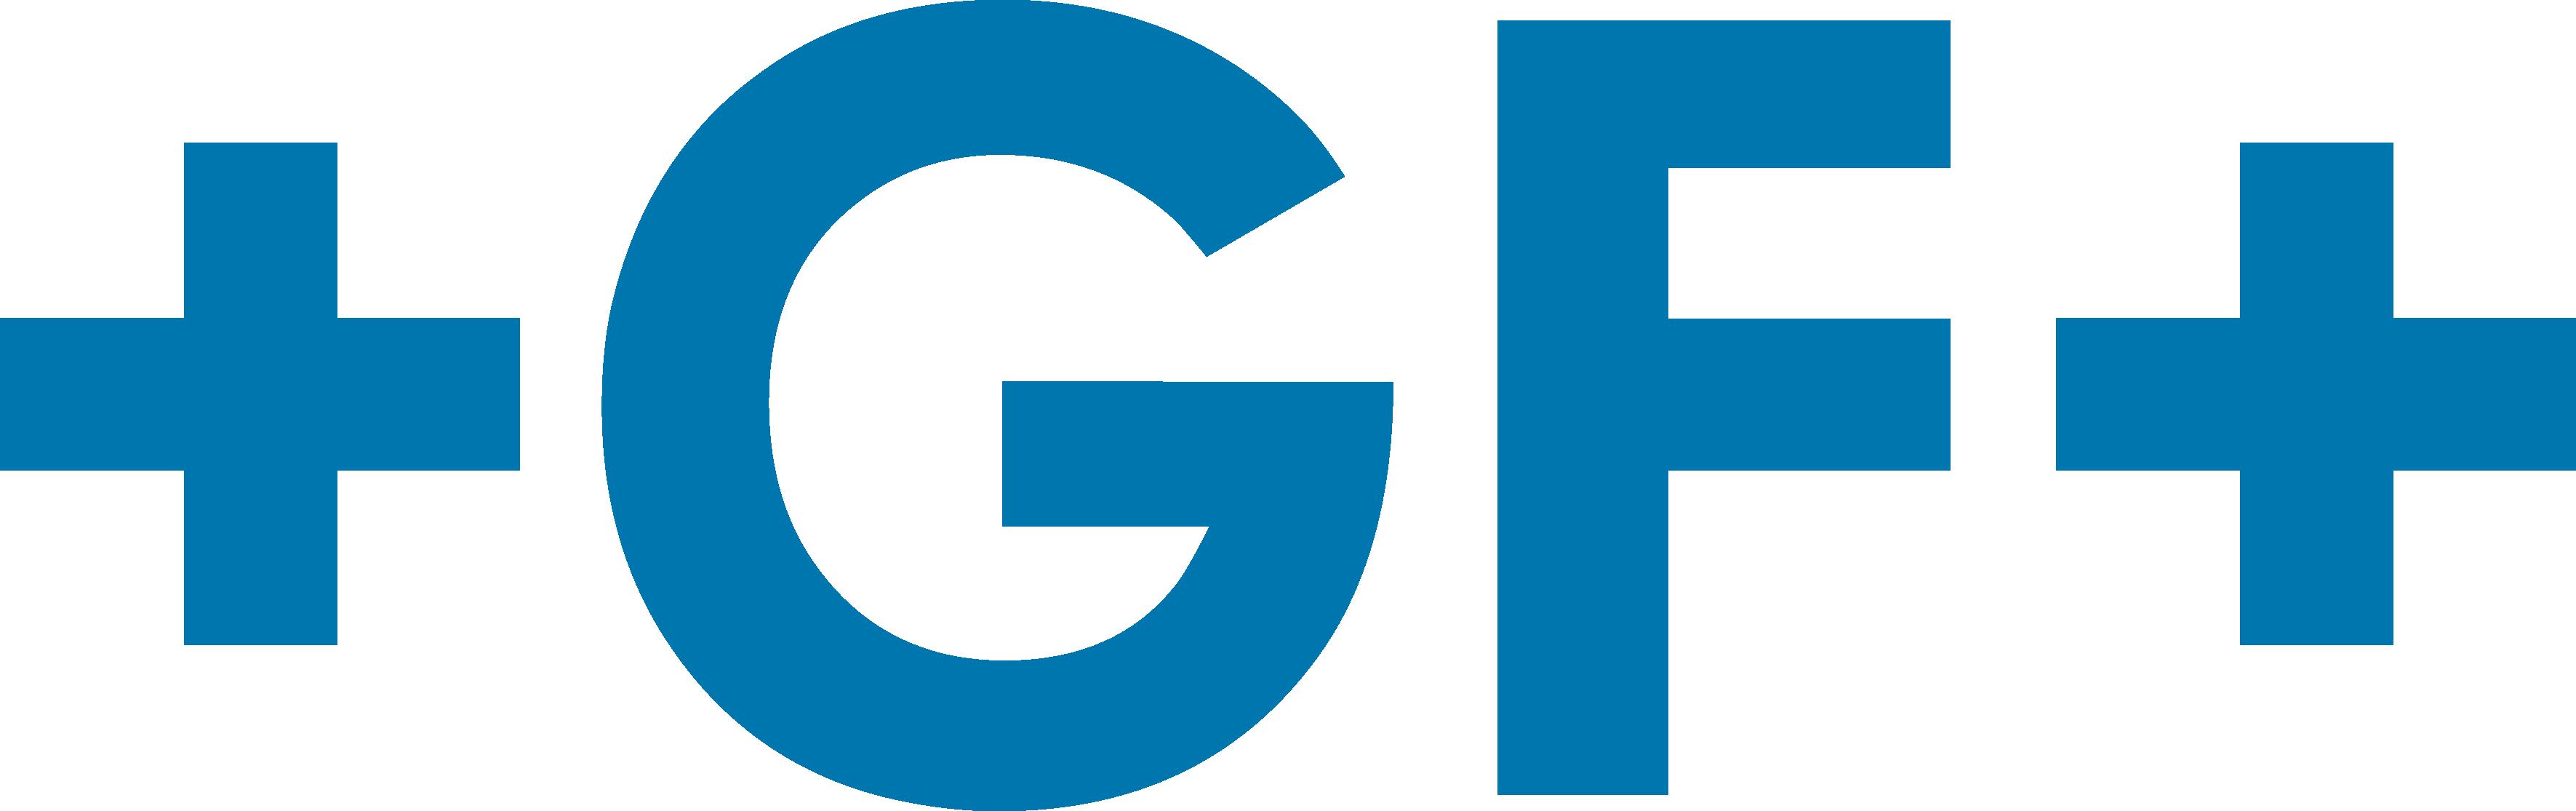 Georg Fischer Rohrleitungssysteme